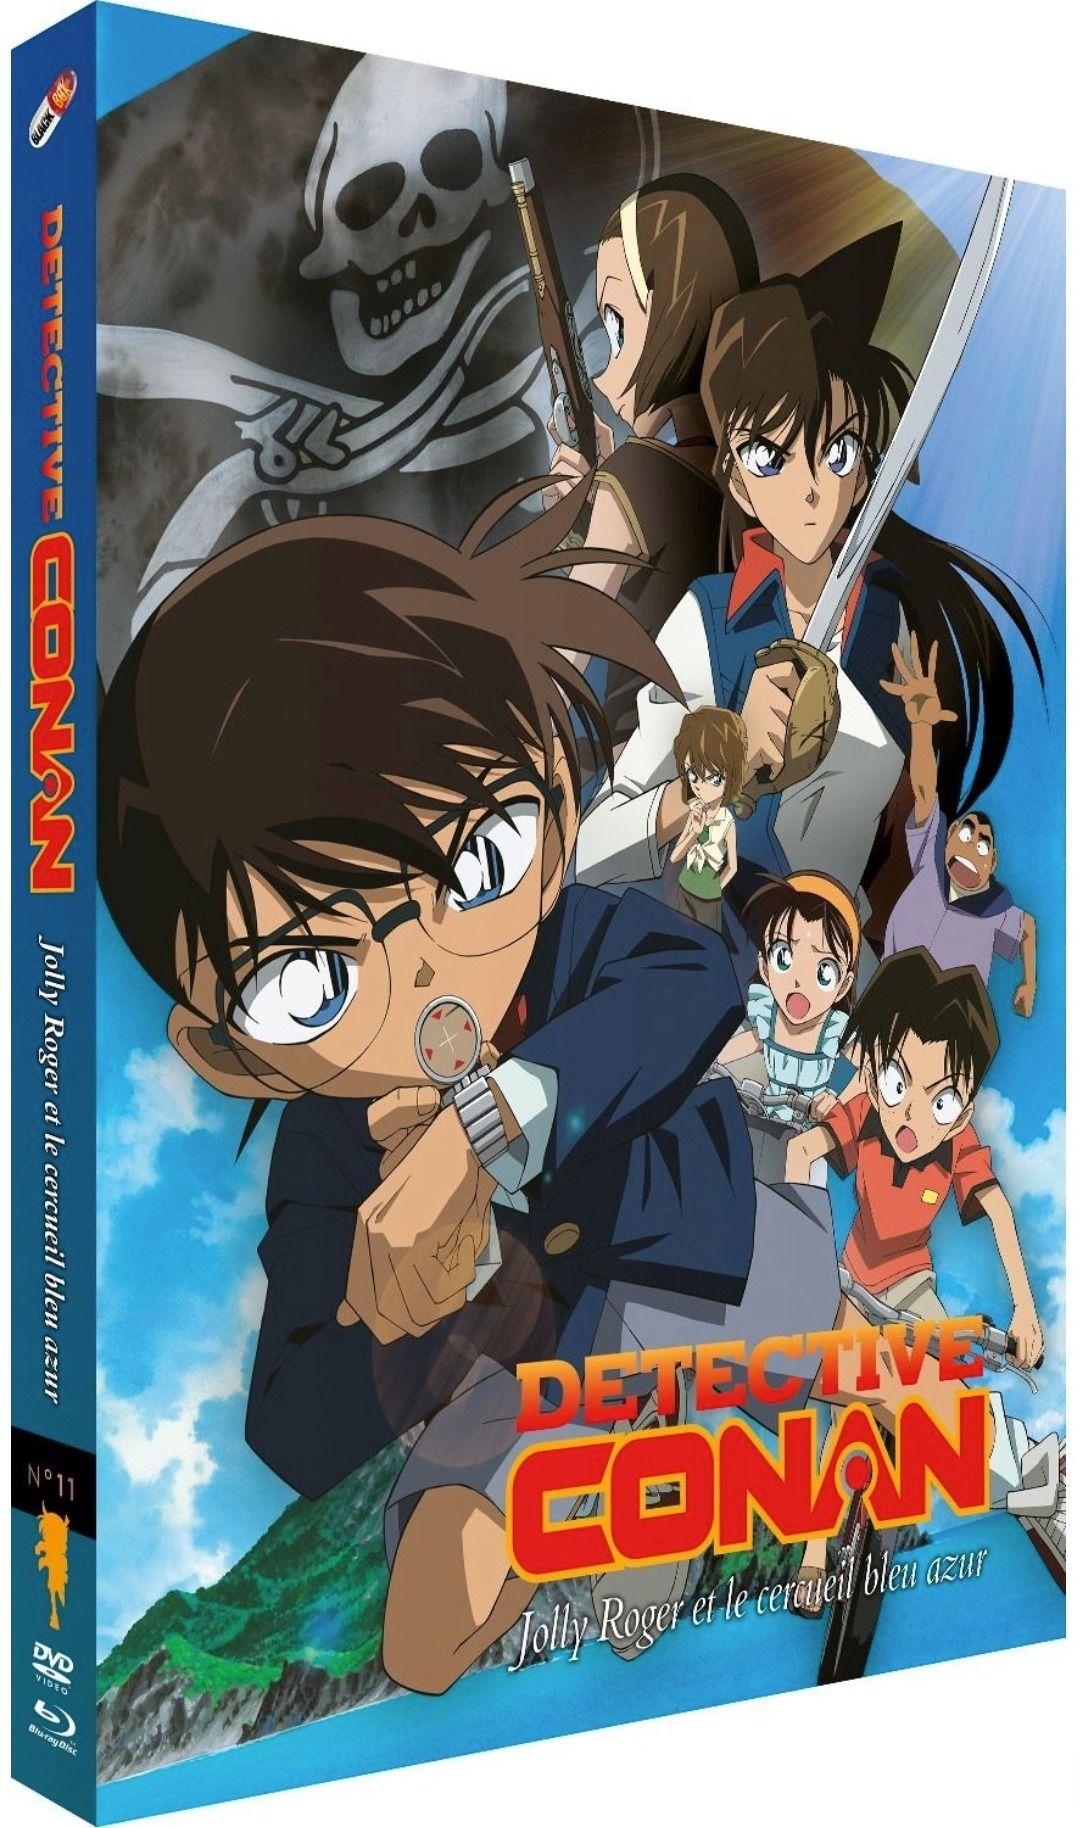 Détective Conan - Film 11 : Jolly Roger et le Cercueil bleu azur - Combo Blu-ray + DVD